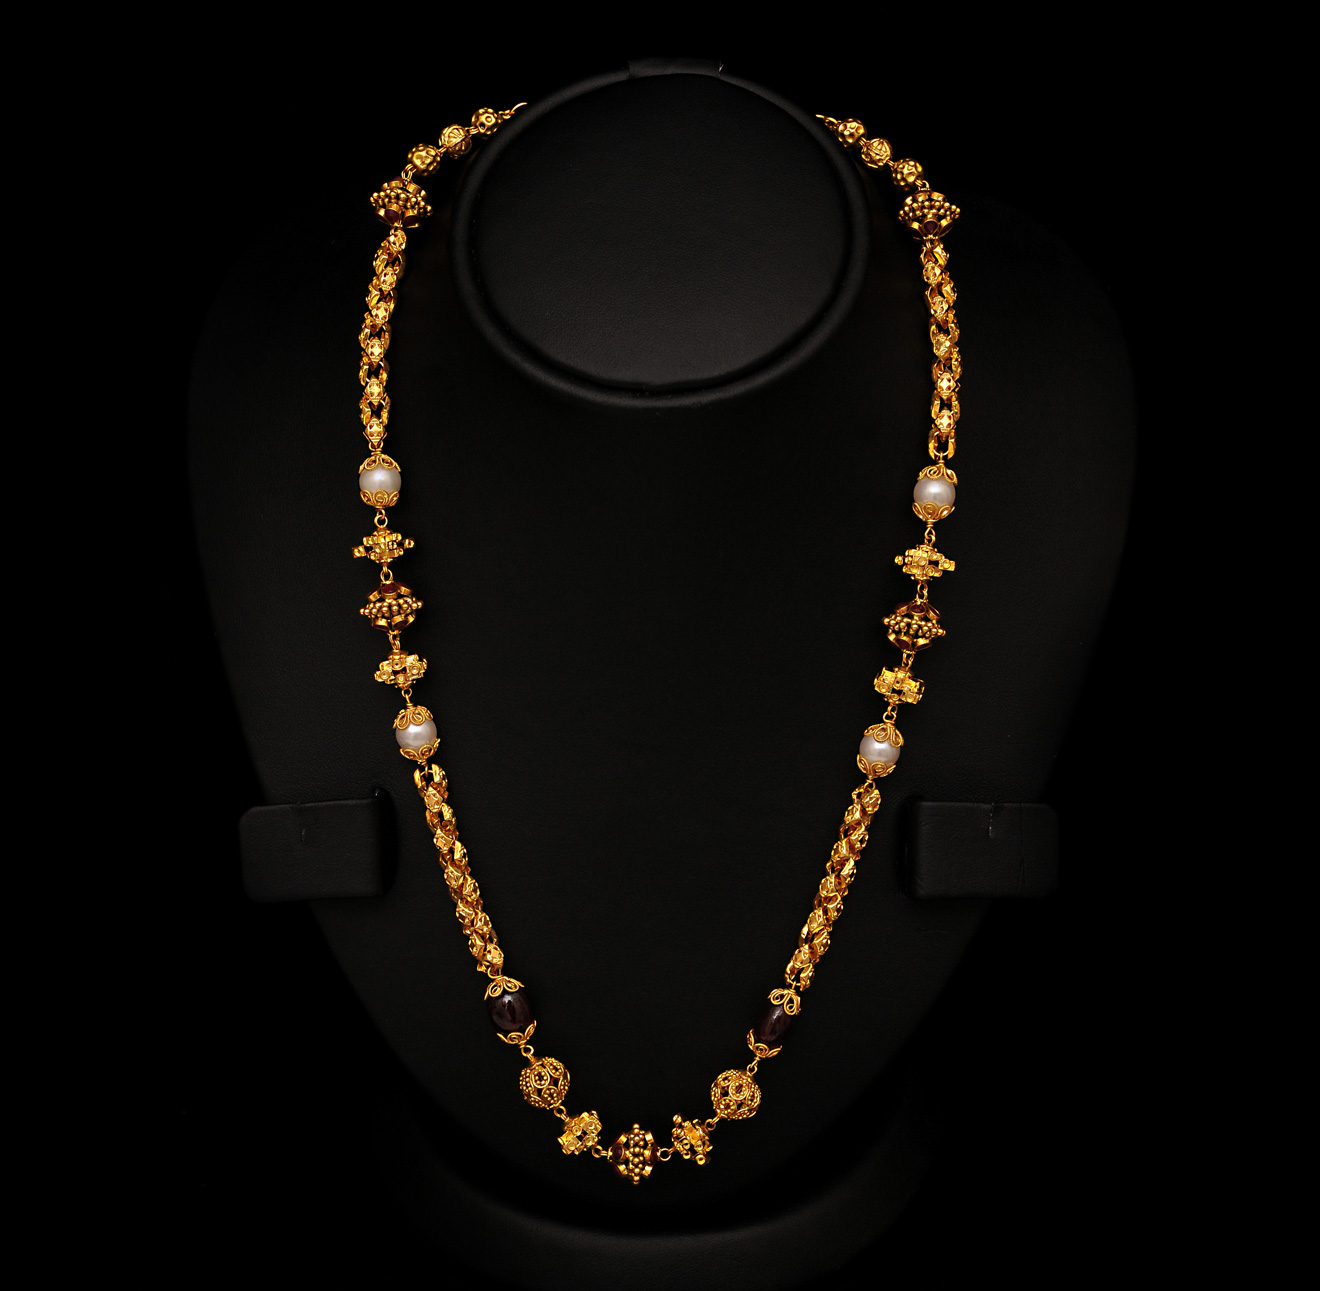 Gold Home: Neck Chain Design